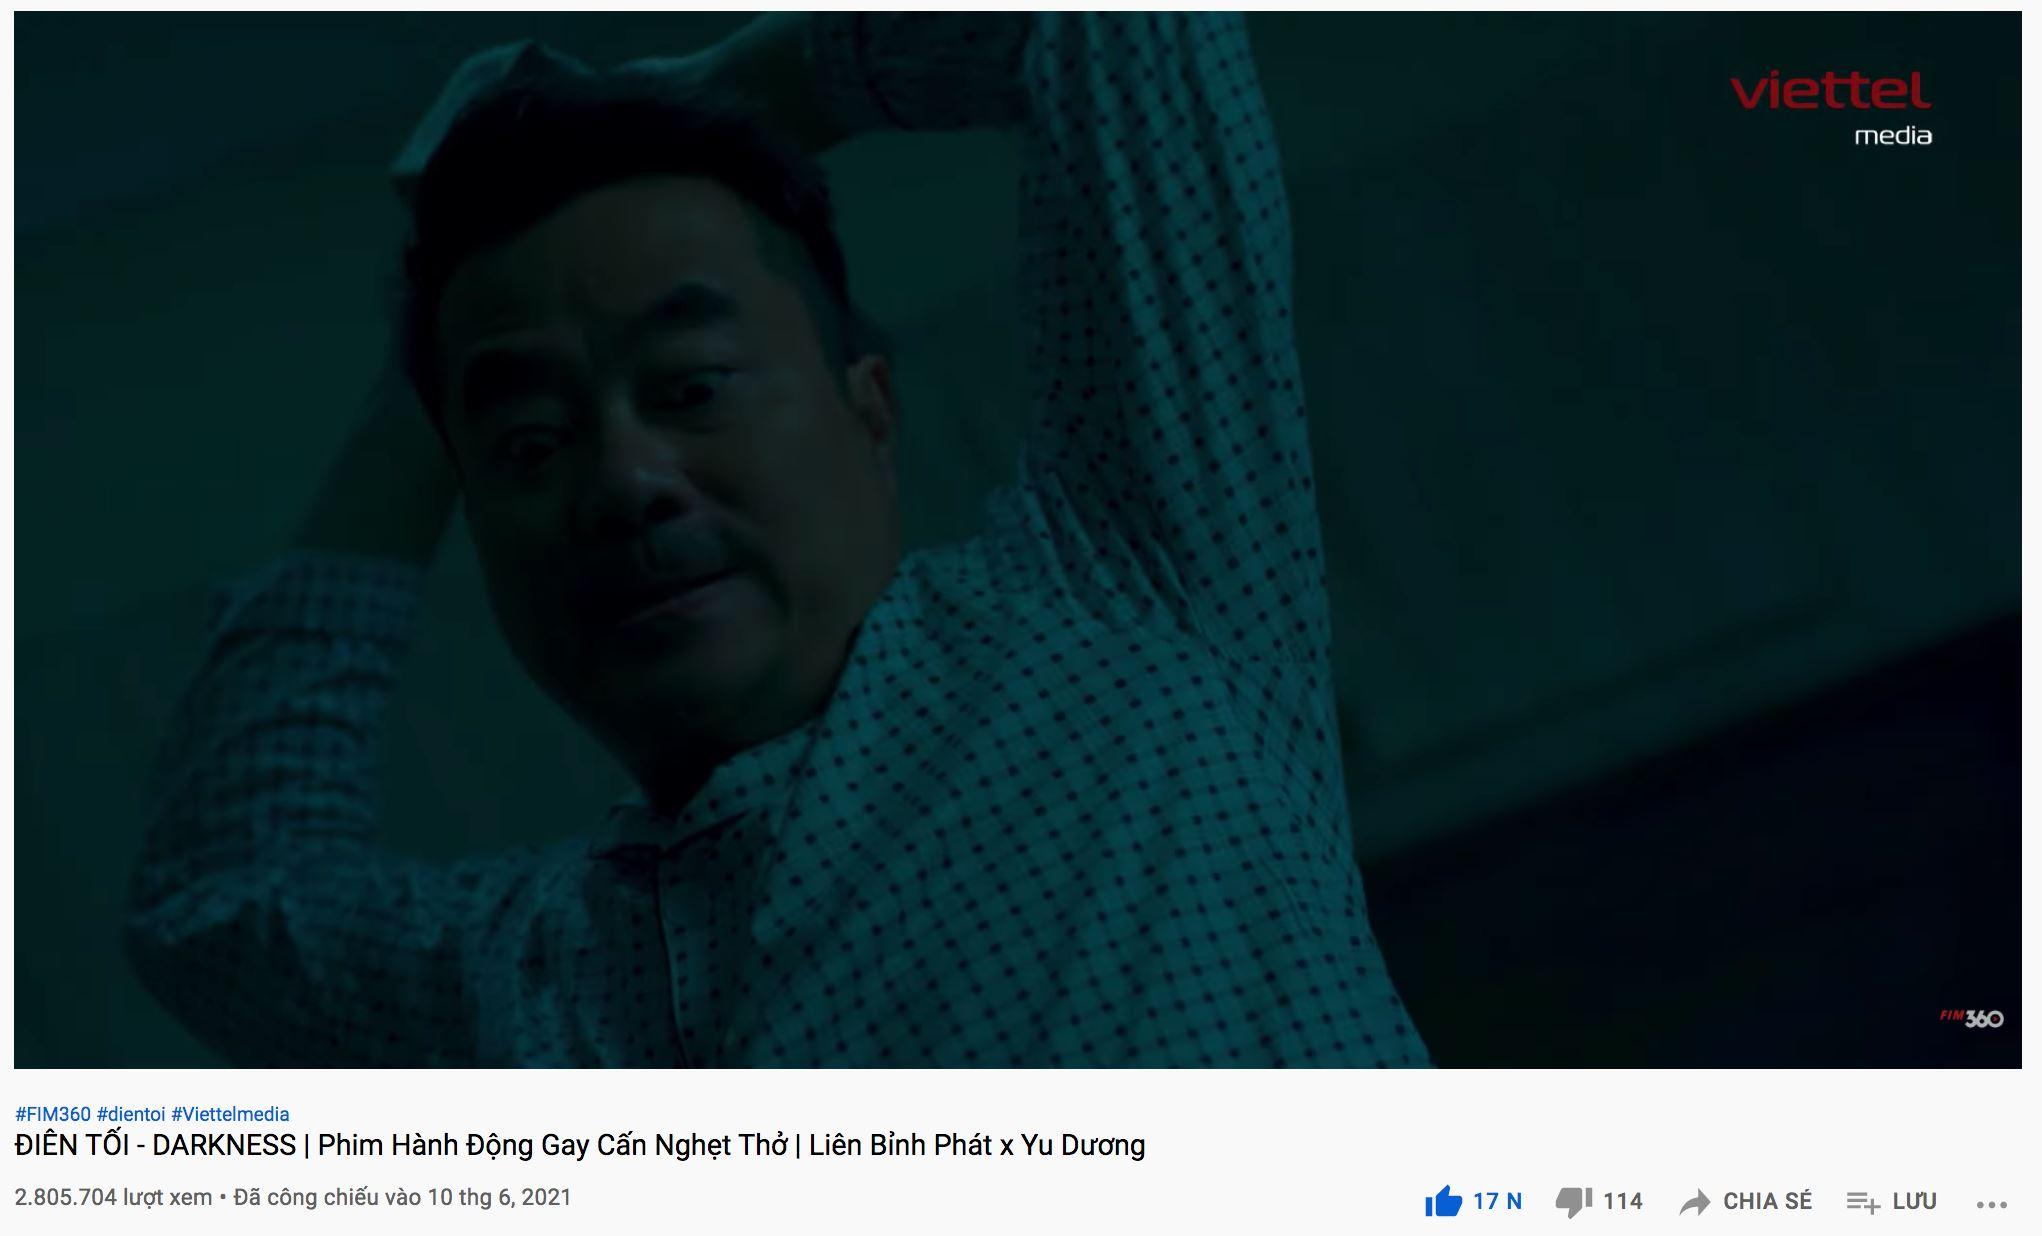 Trên nền tảng Youtube, Điên Tối đã đạt được hơn 2.8 triệu lượt xem